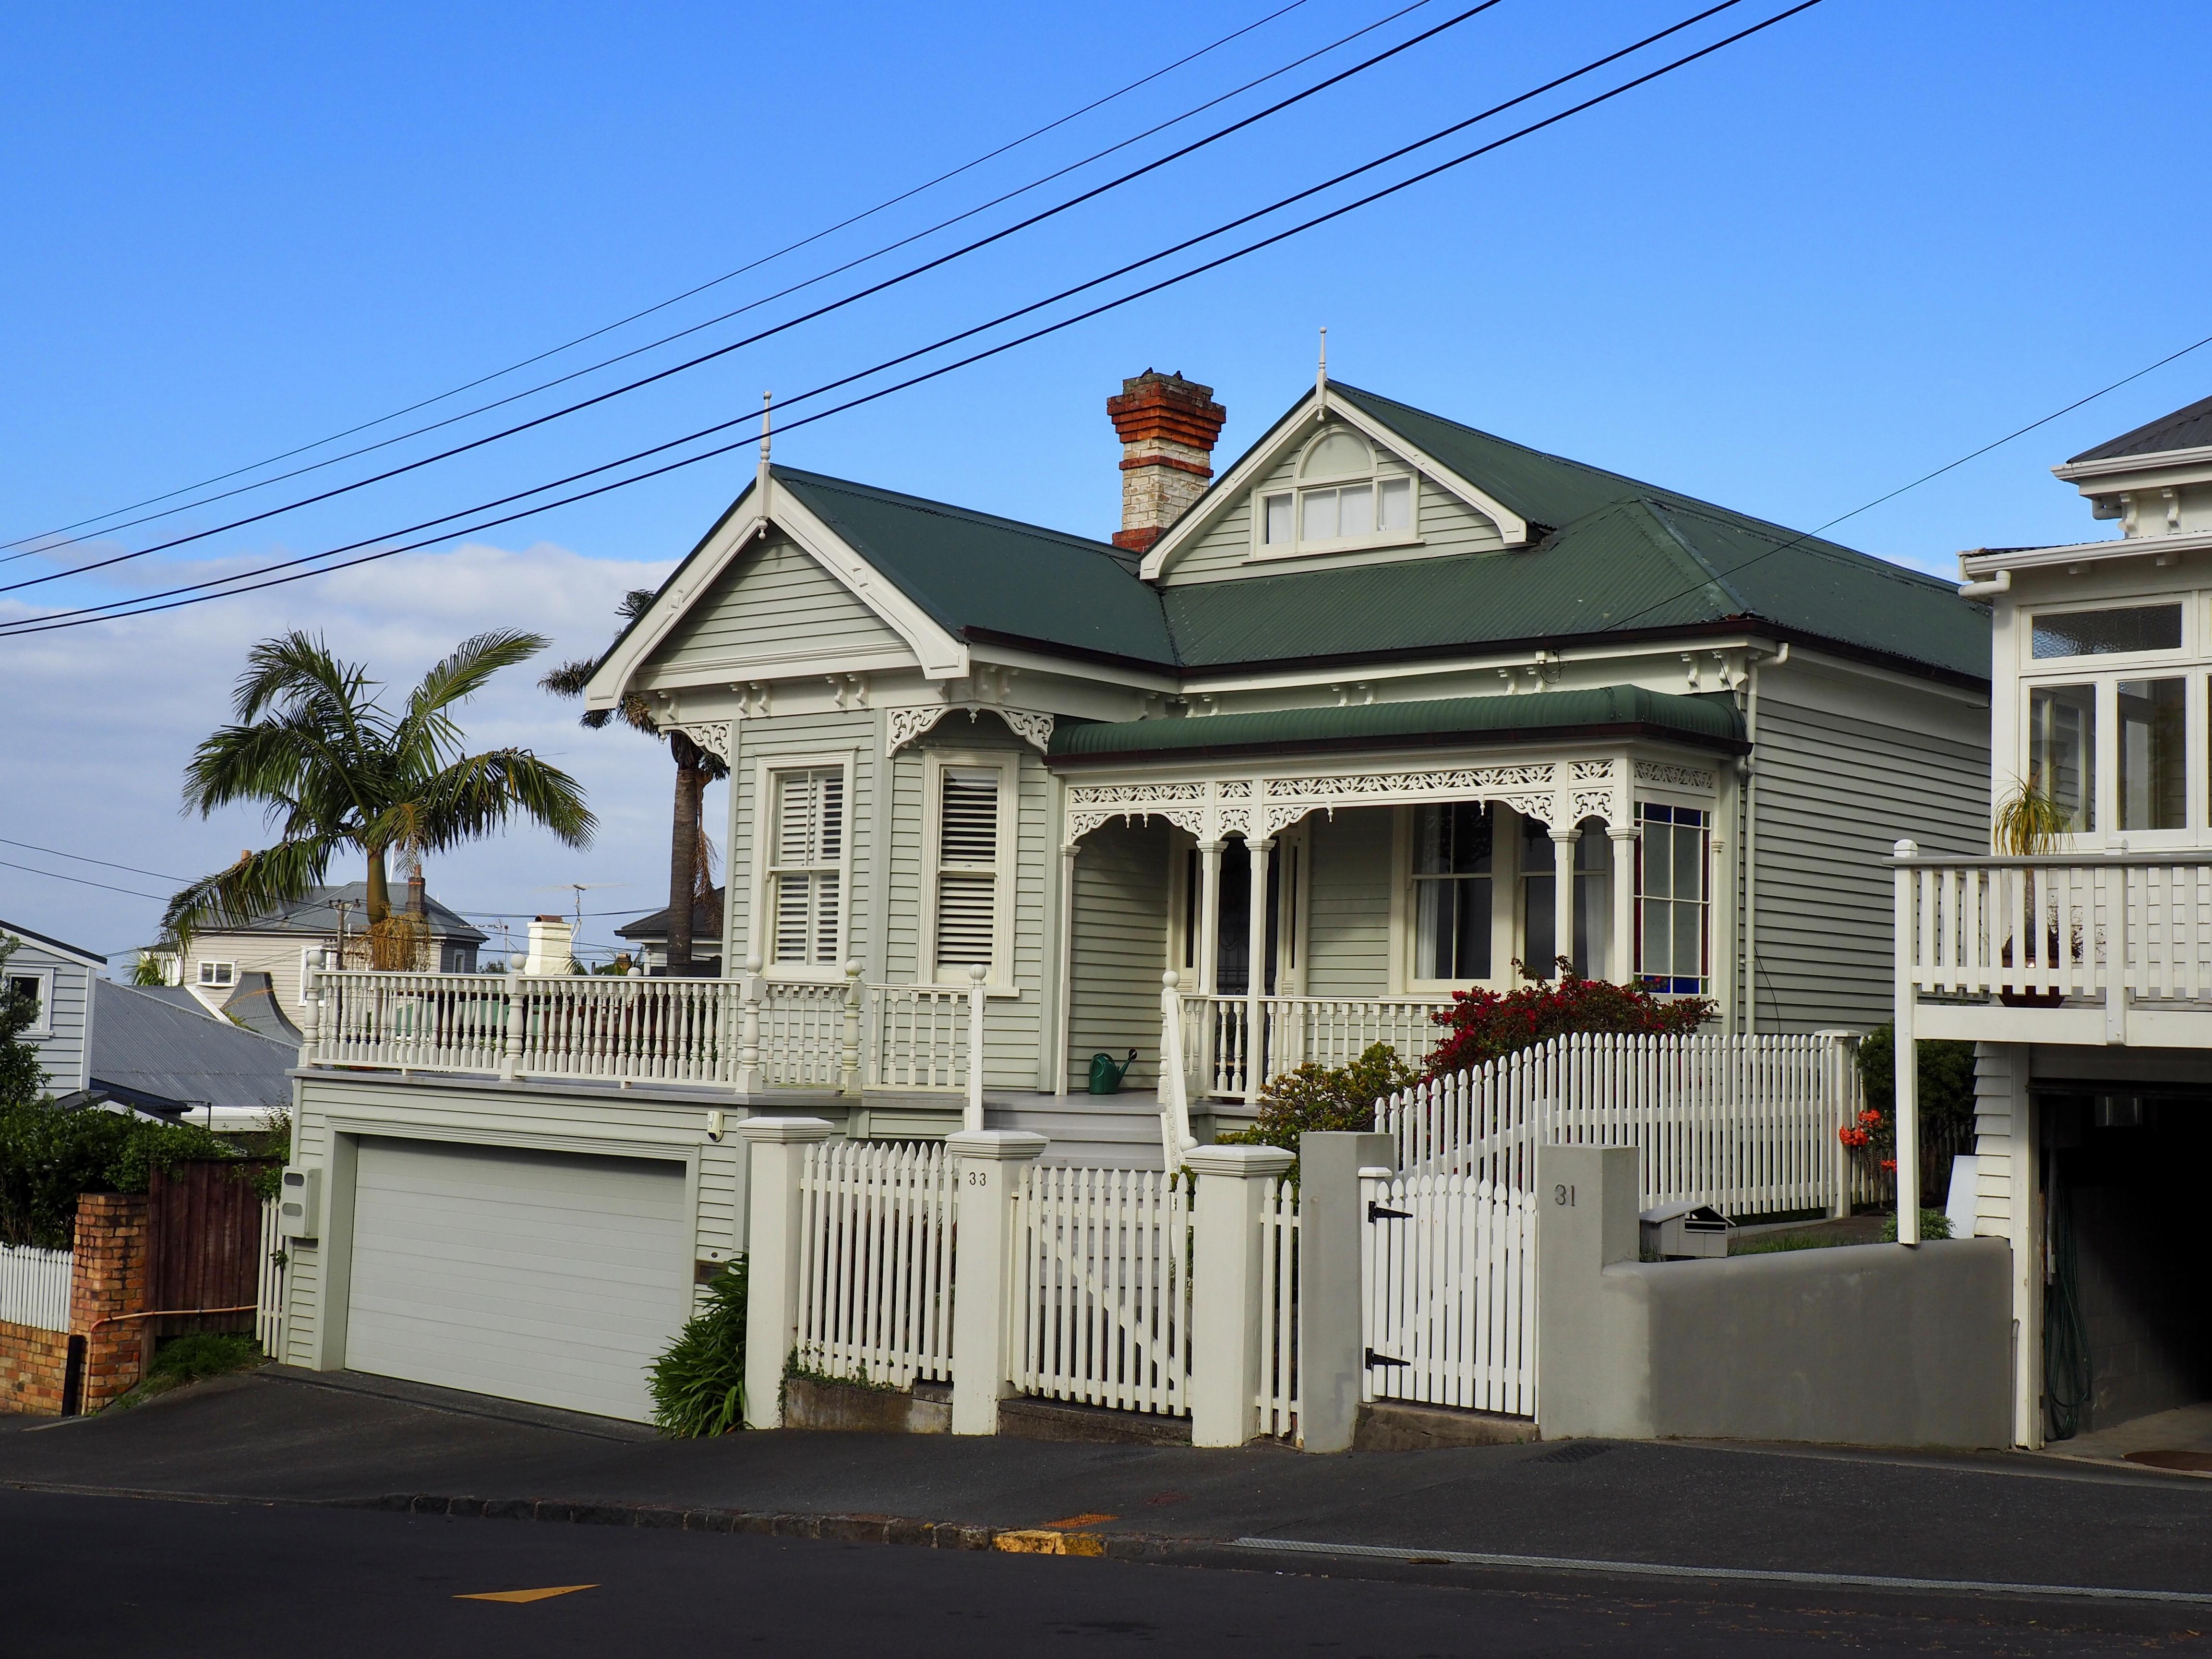 Ein Holzhaus in Aucklands Stadtteil Ponsonby